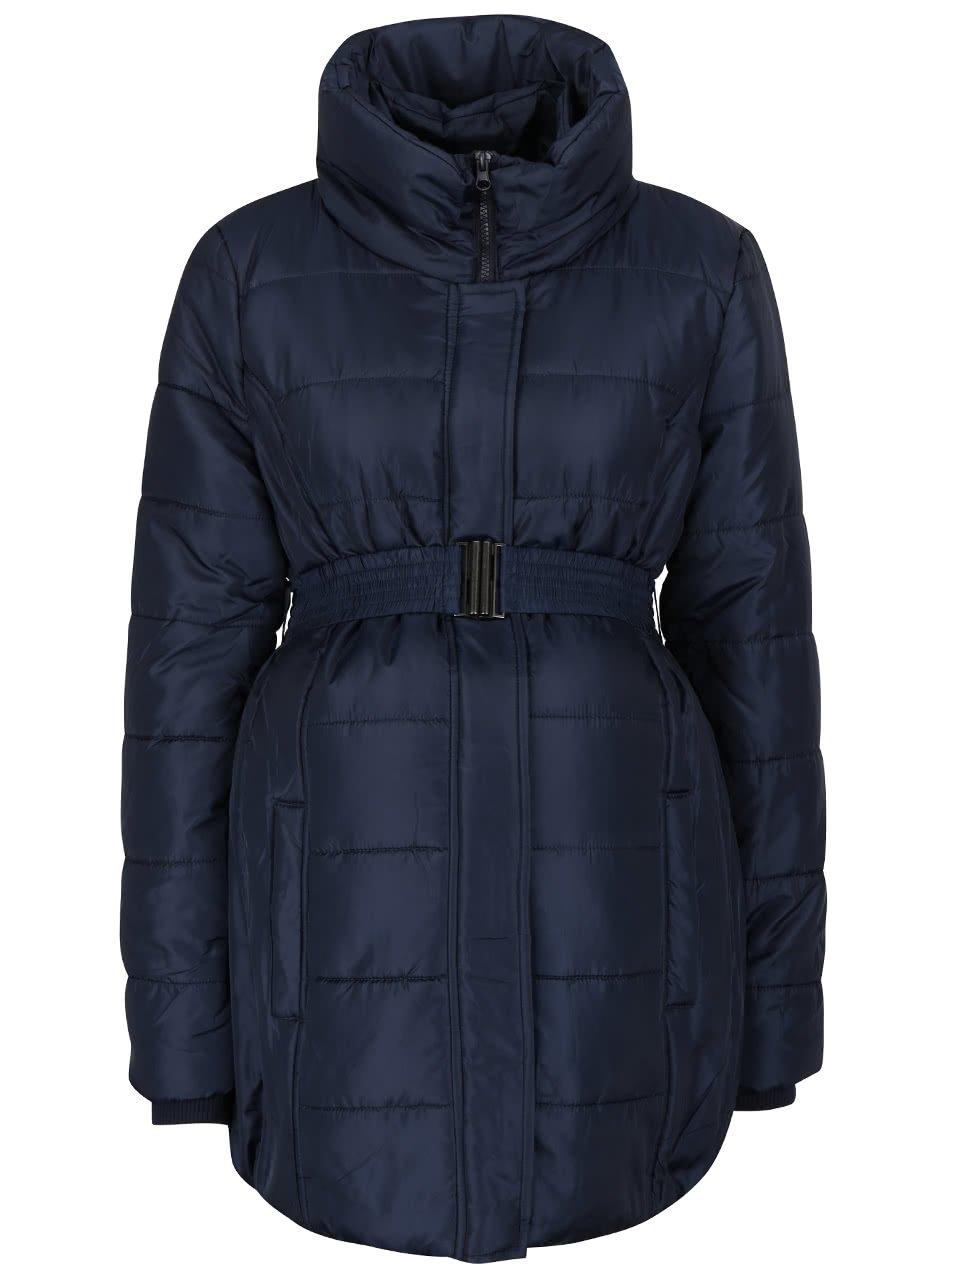 Tmavě modrý těhotenský kabát Mama.licious Quilty